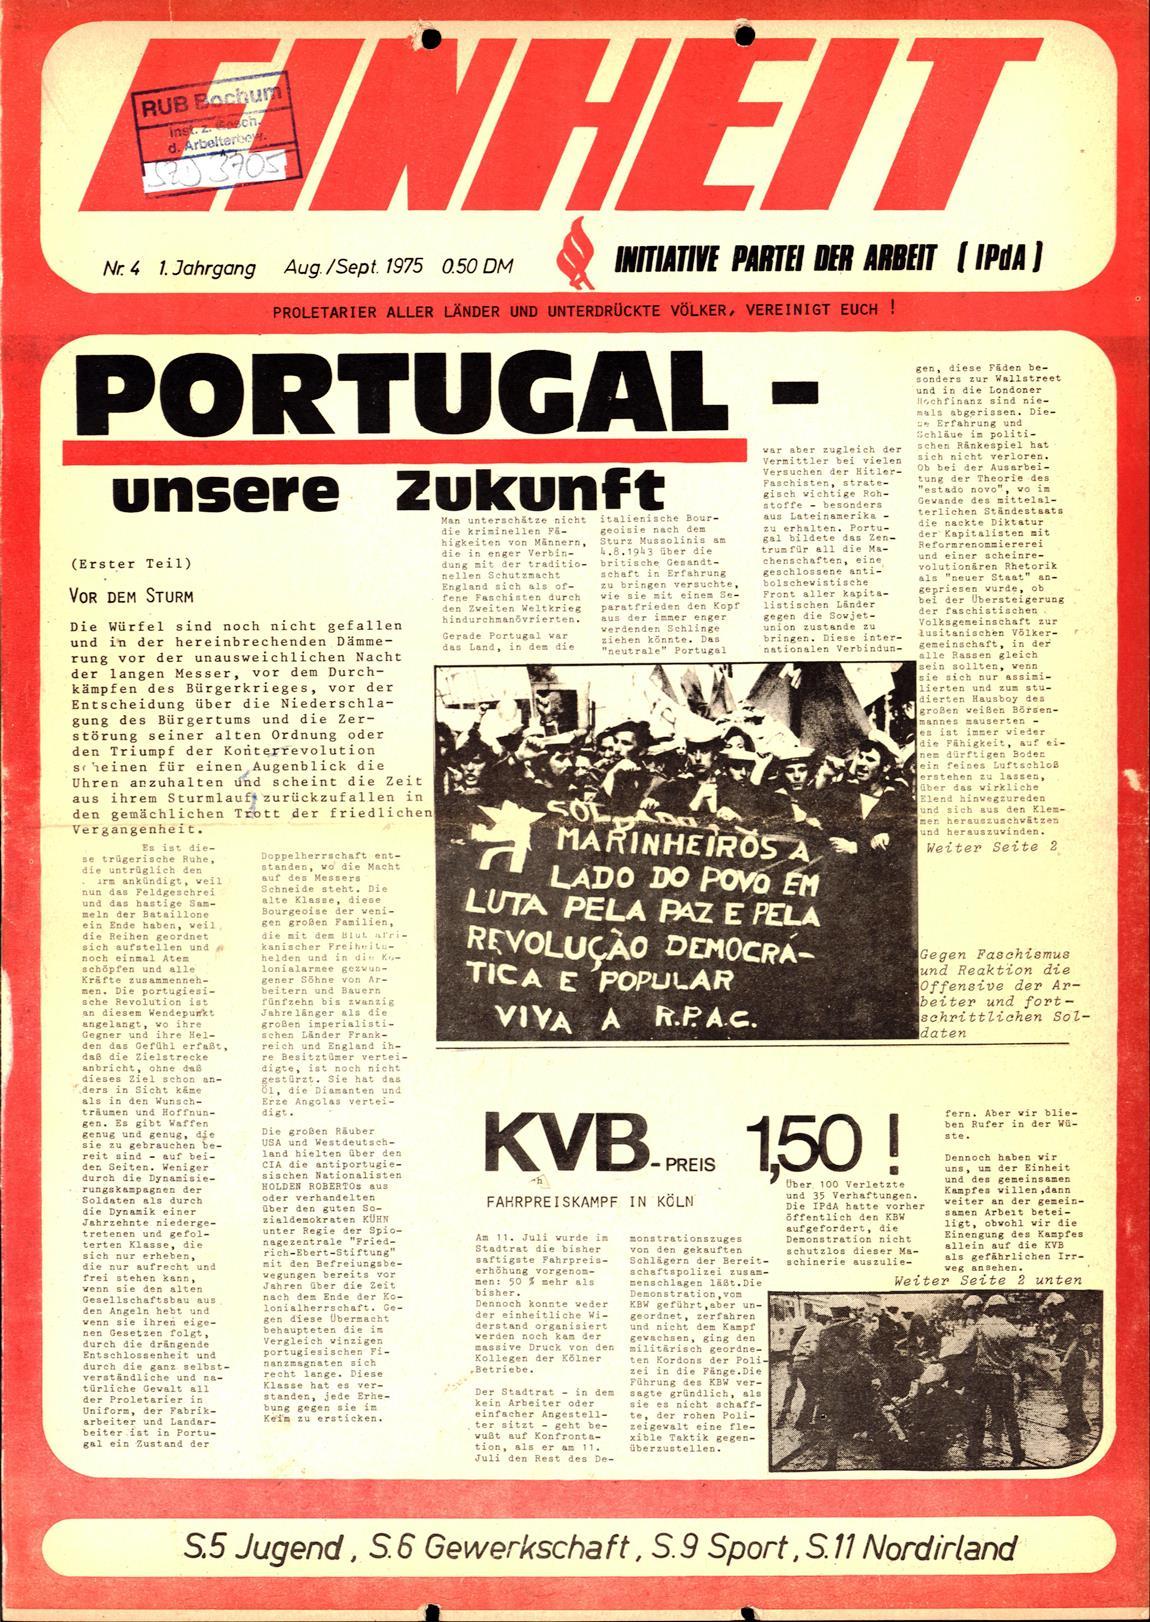 Koeln_IPdA_Einheit_1975_004_001